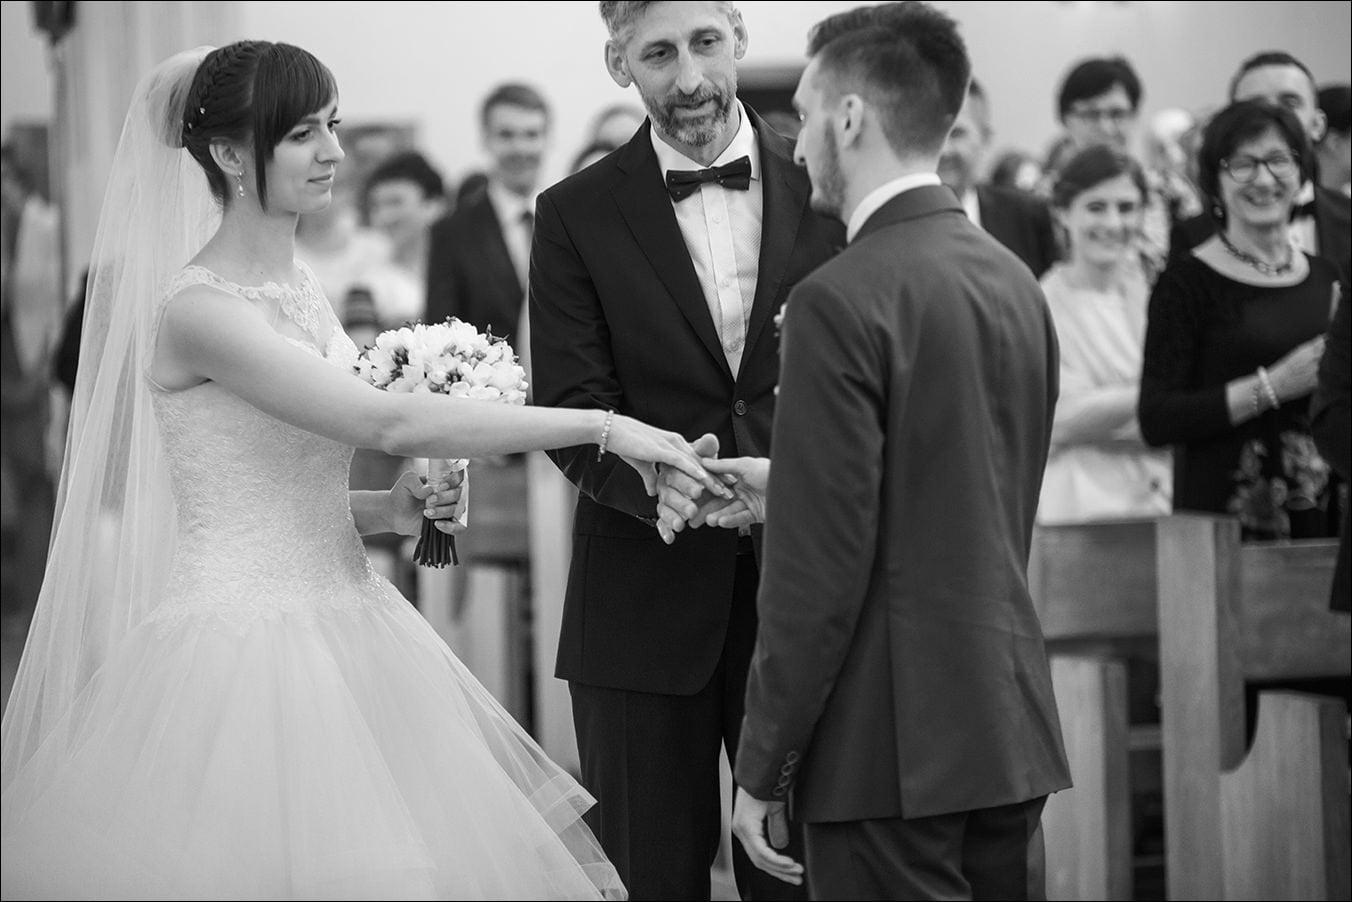 fotograf slub bielsko biala wirtuozeria aga daniel 28 - Wesele w Żywcu - AGNIESZKA & DANIEL